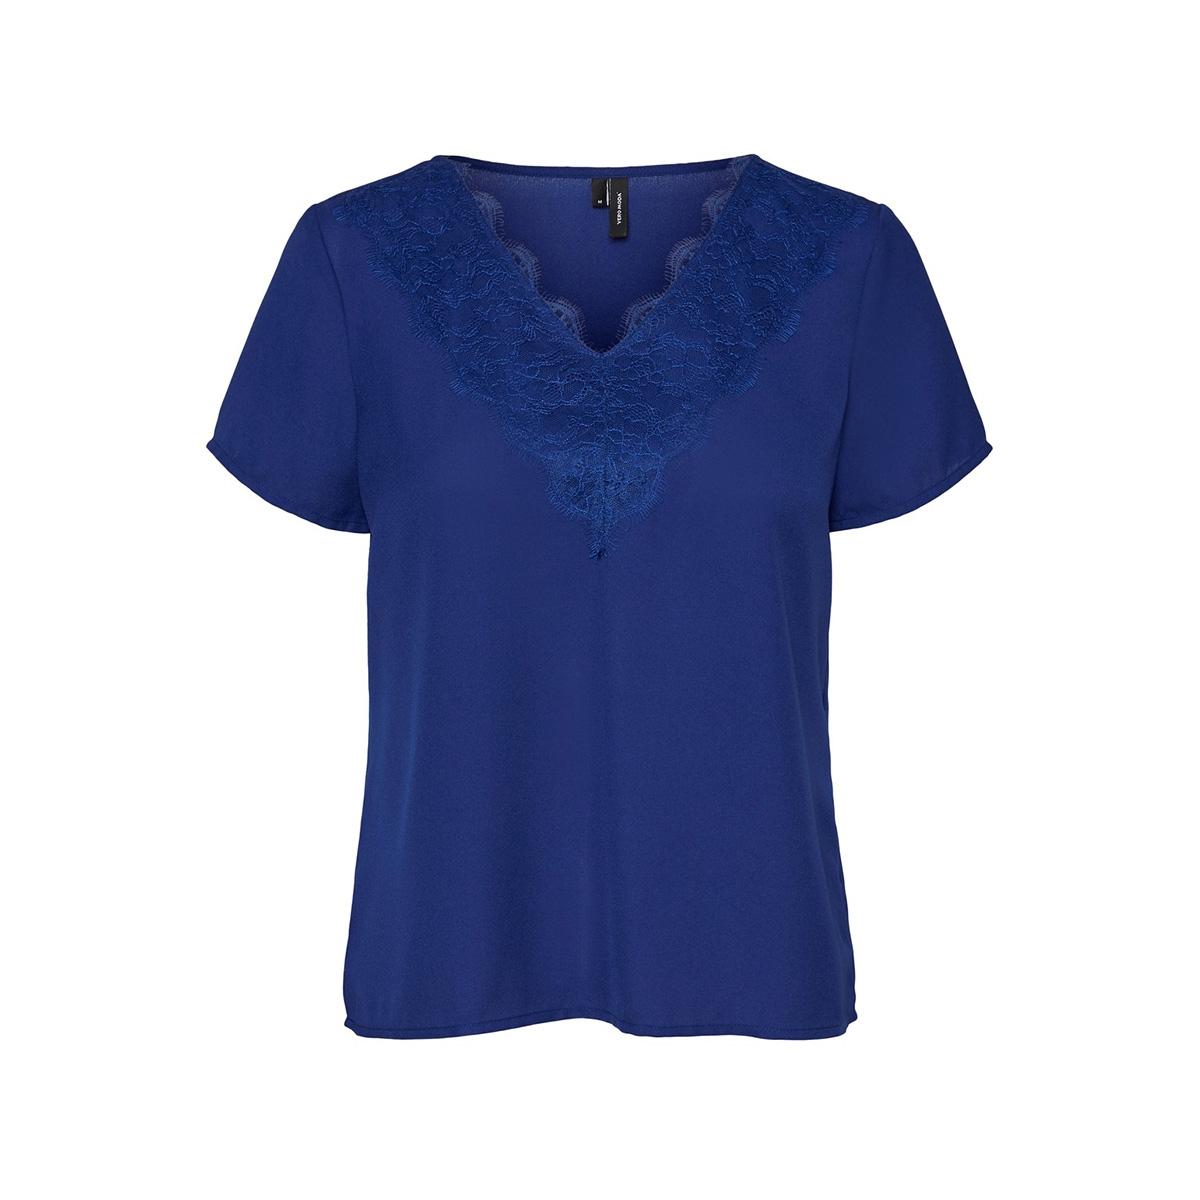 vmtinsley s/s lace top vip 10226121 vero moda t-shirt sodalite blue